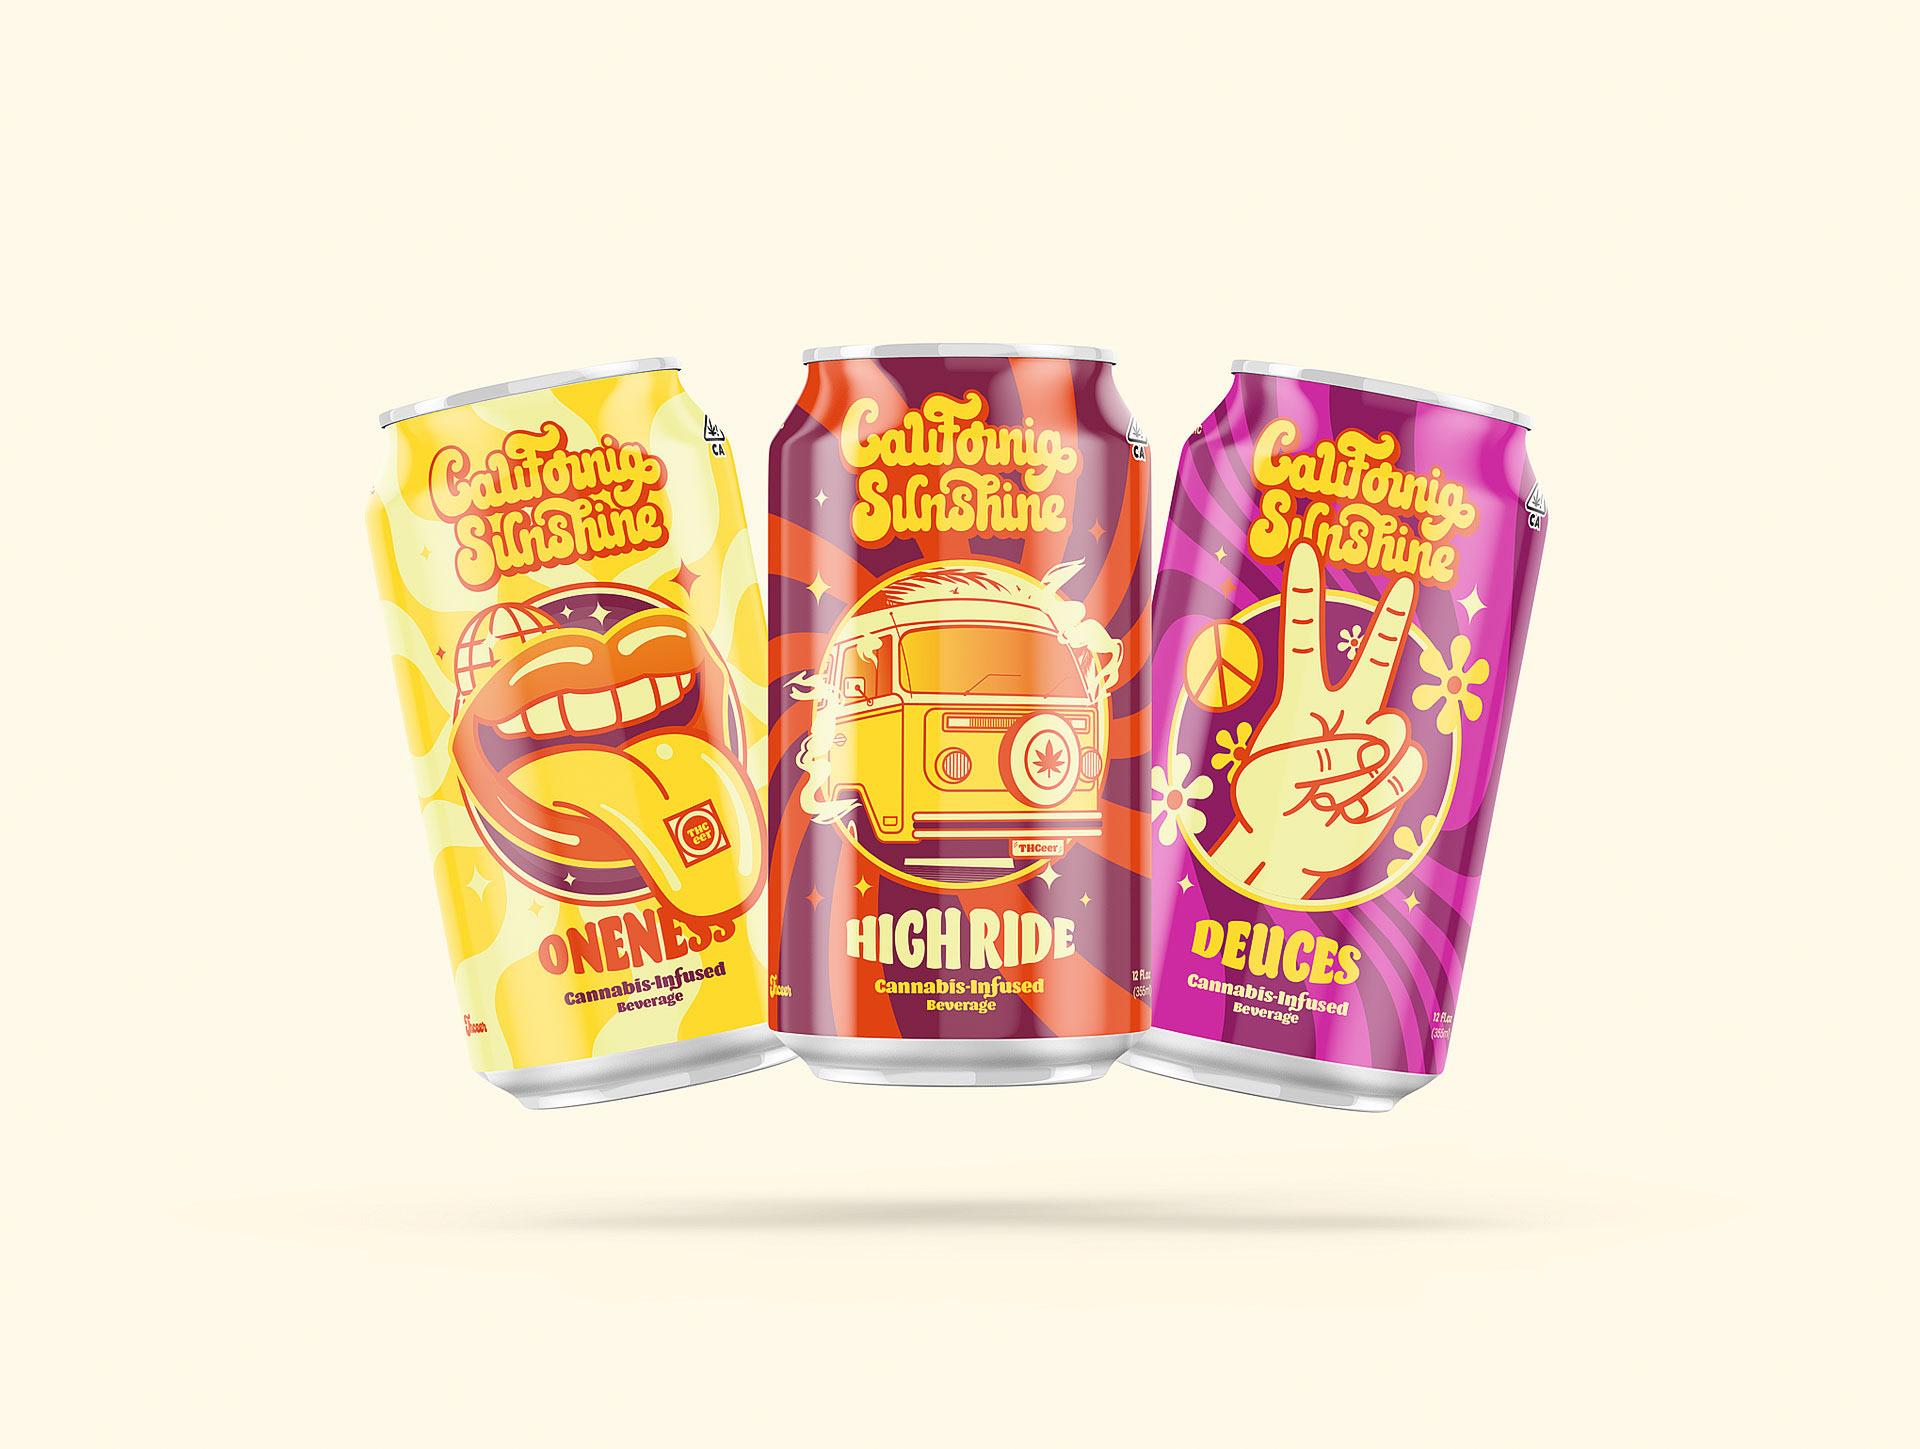 Beer Brand Identity Designed for California Sunshine